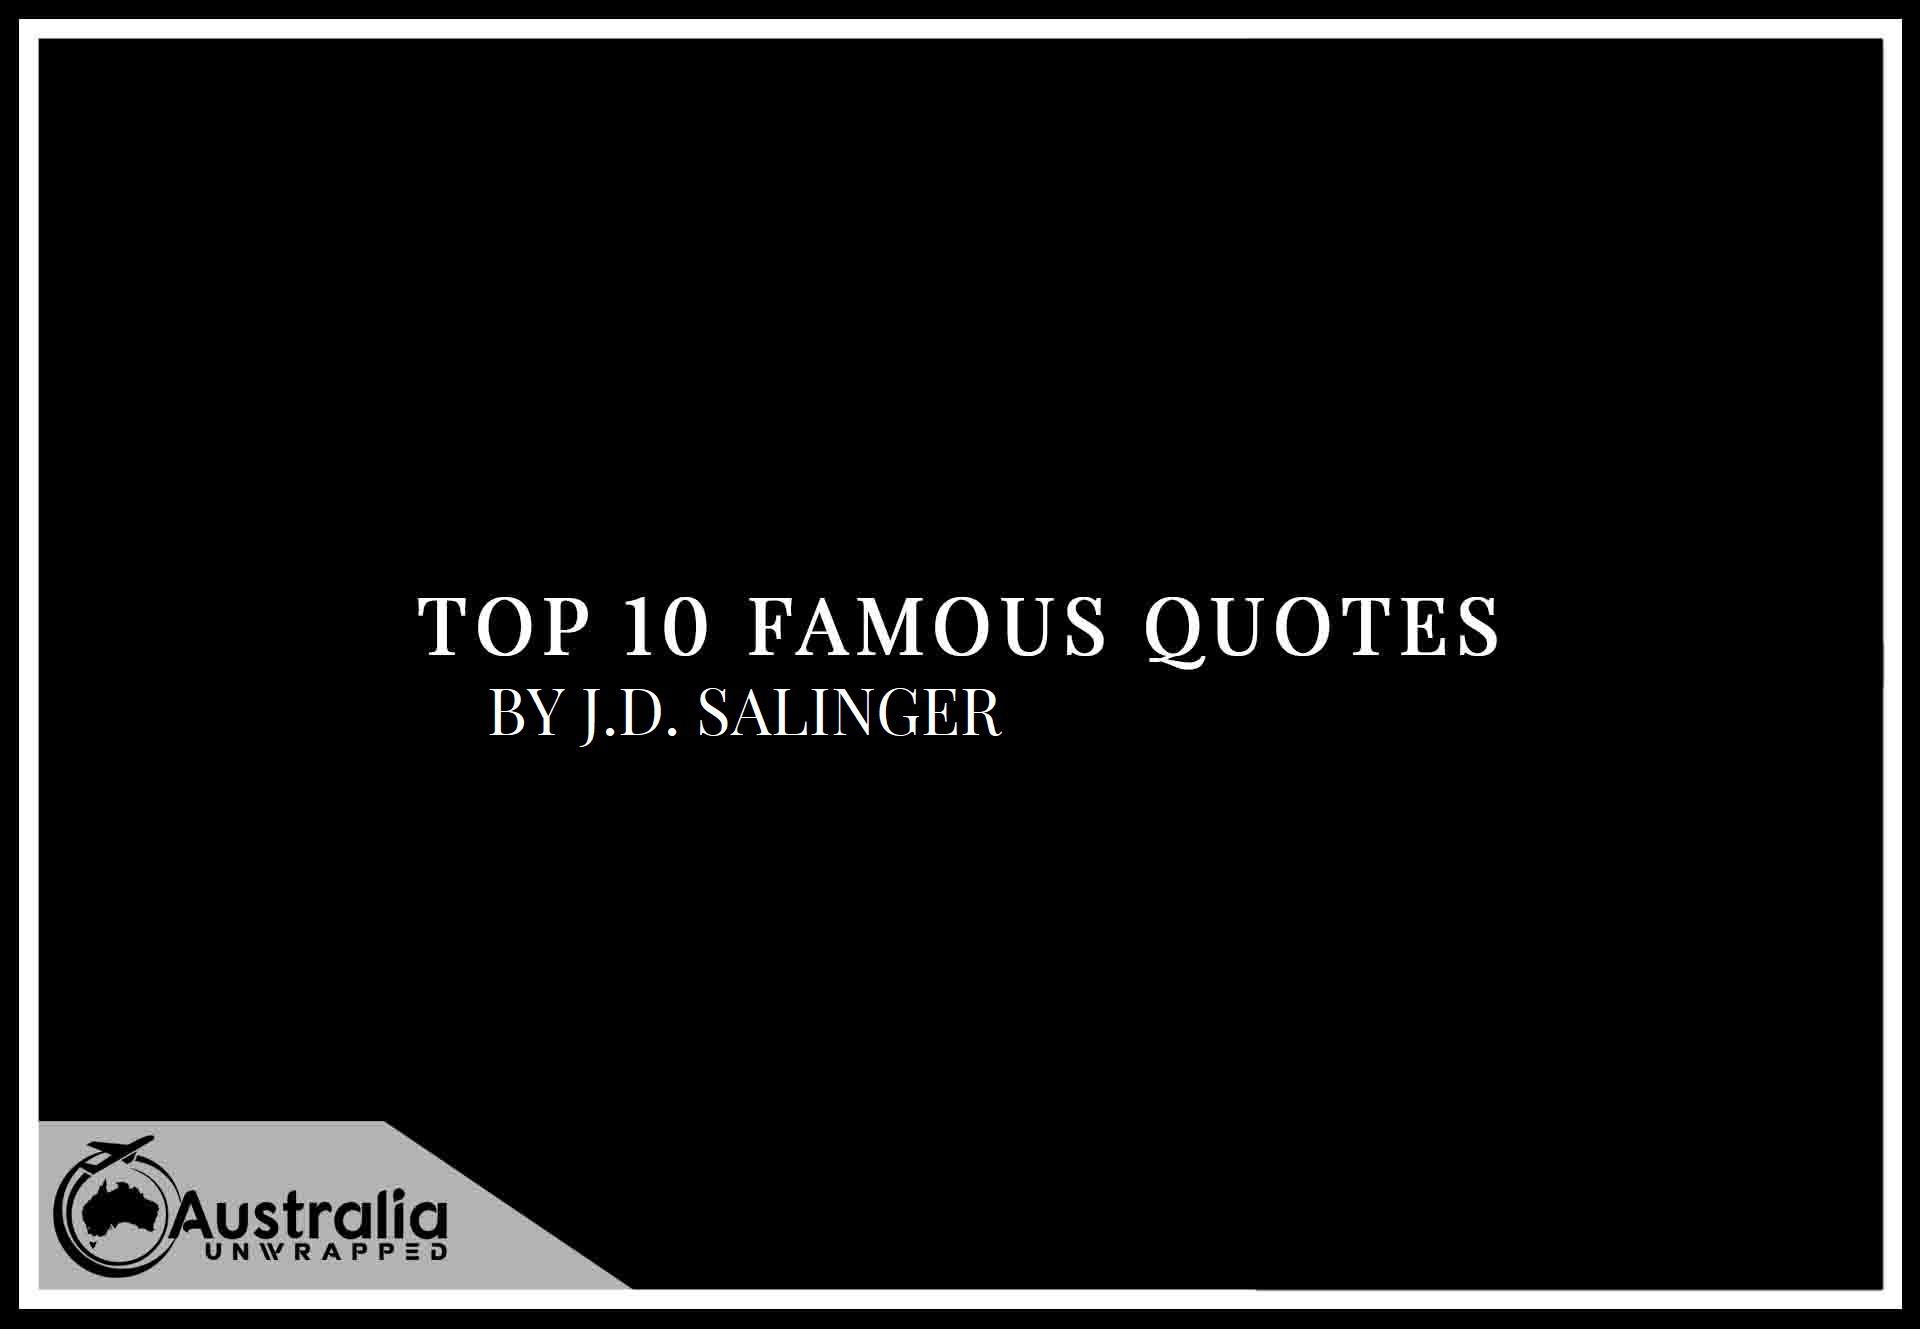 Top 10 Famous Quotes by Author J.D. Salinger